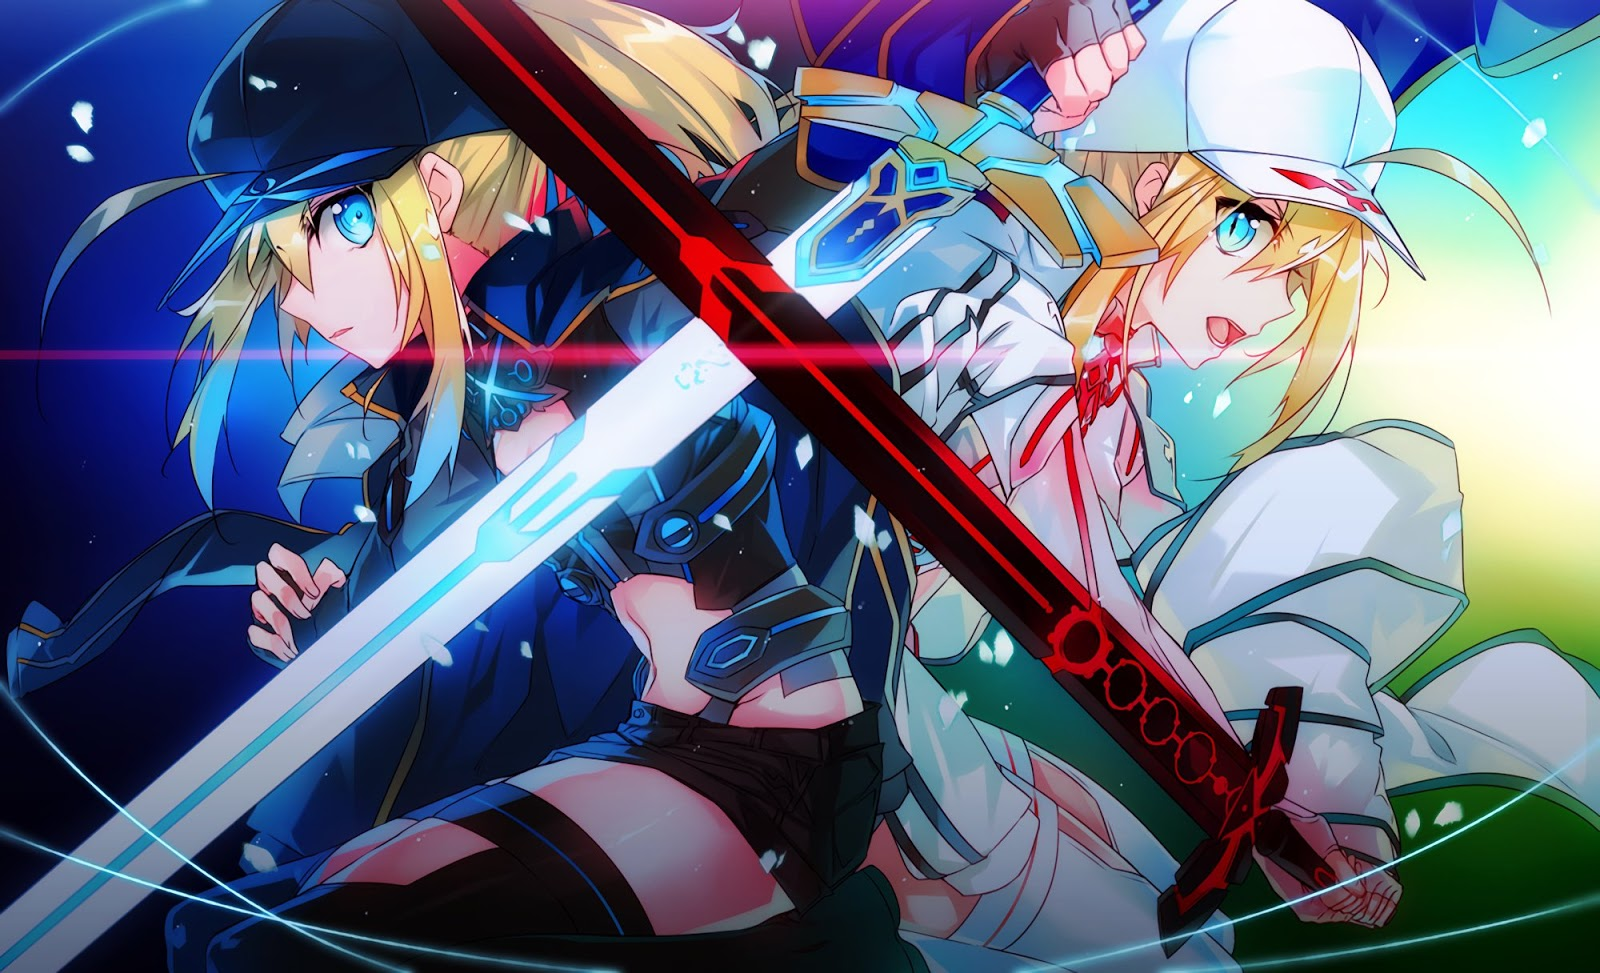 Fate AowVN%2B%2528102%2529 - [ Hình Nền ] Anime Fate/GrandOrder tuyệt đẹp Full HD | Wallpaper